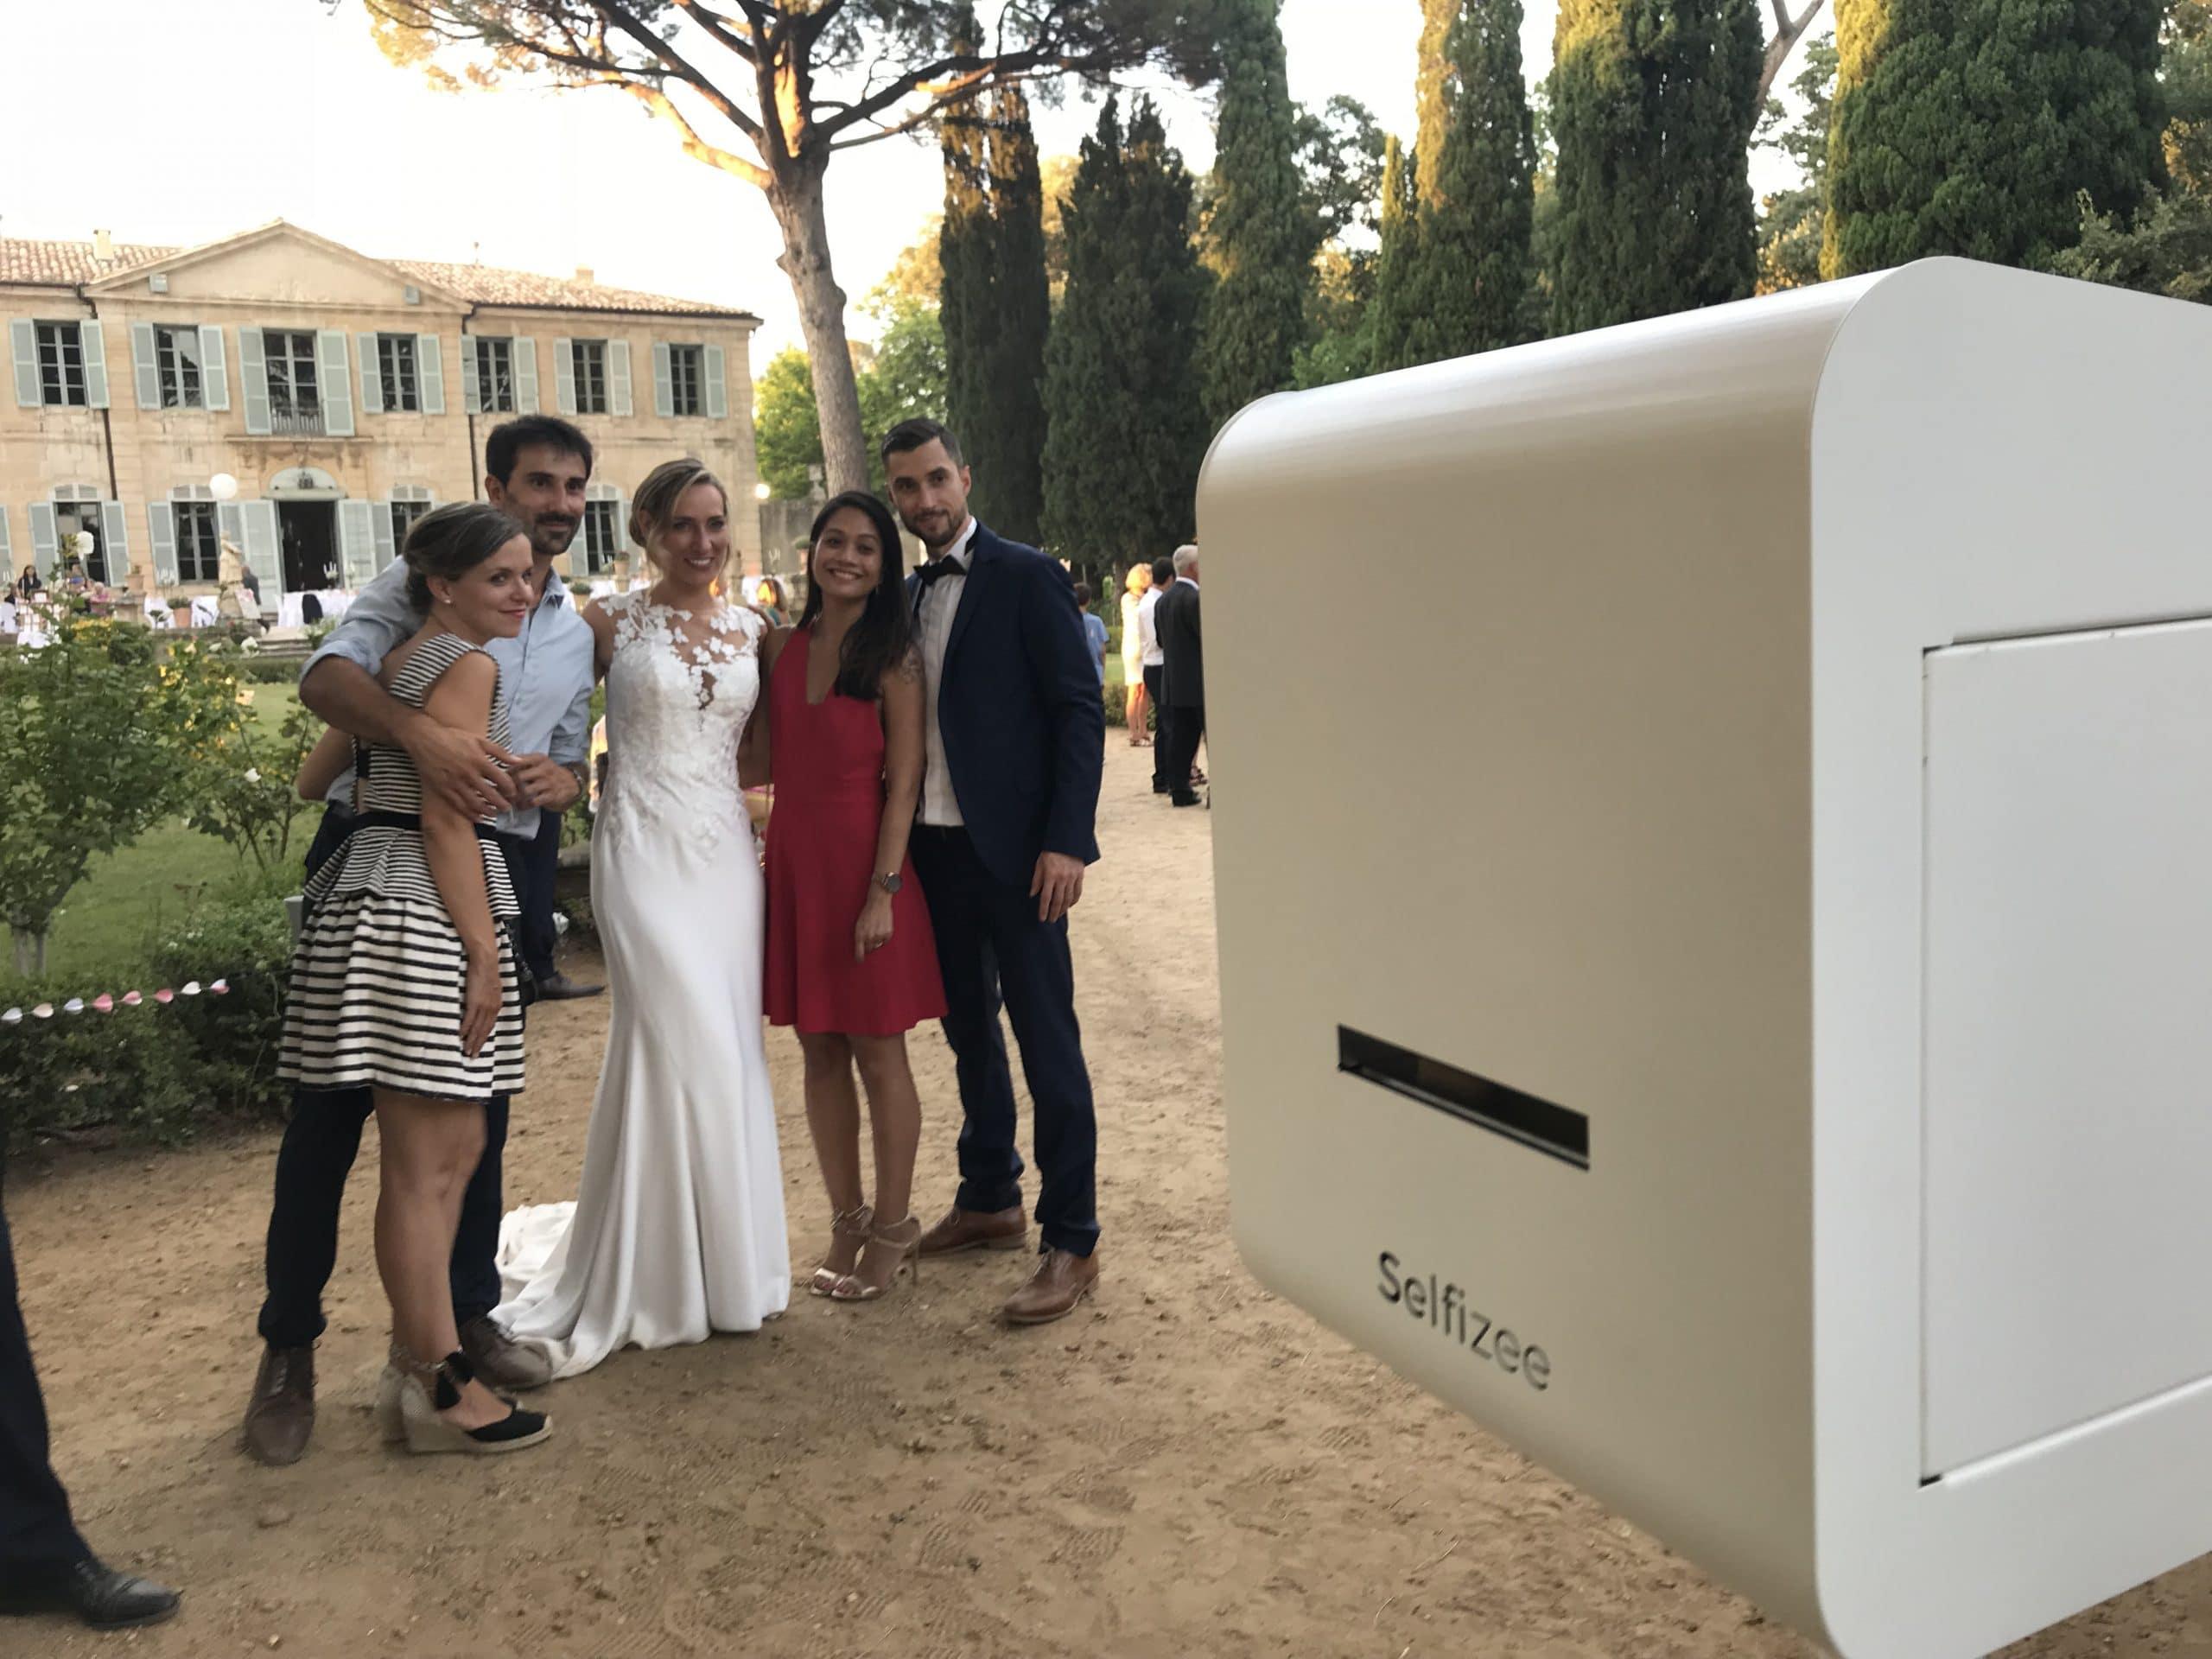 Borne photo Classik mariage Montpellier / Hérault avec selfies personnalisés des mariés et invités pour album photo mariage